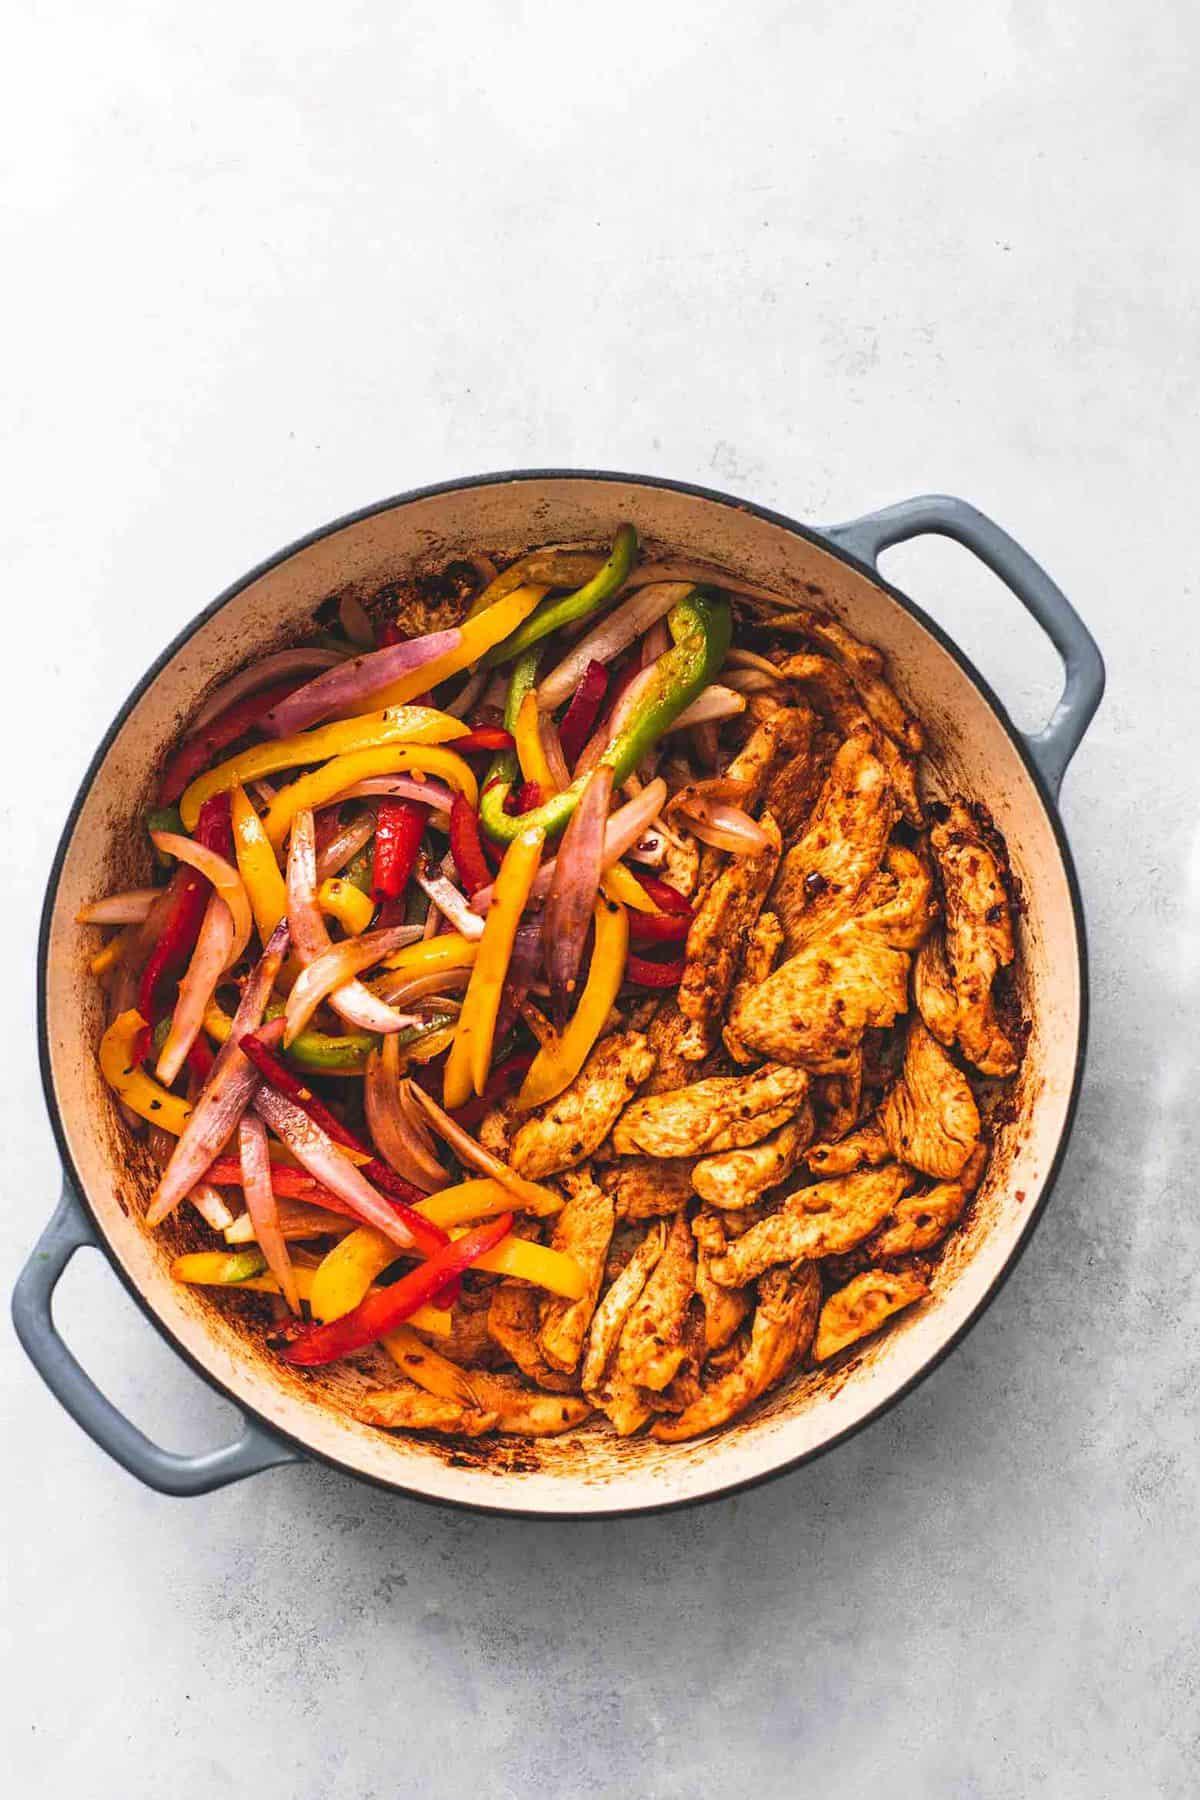 Easy Chicken Fajitas Skillet recipe | lecremedelacrumb.com